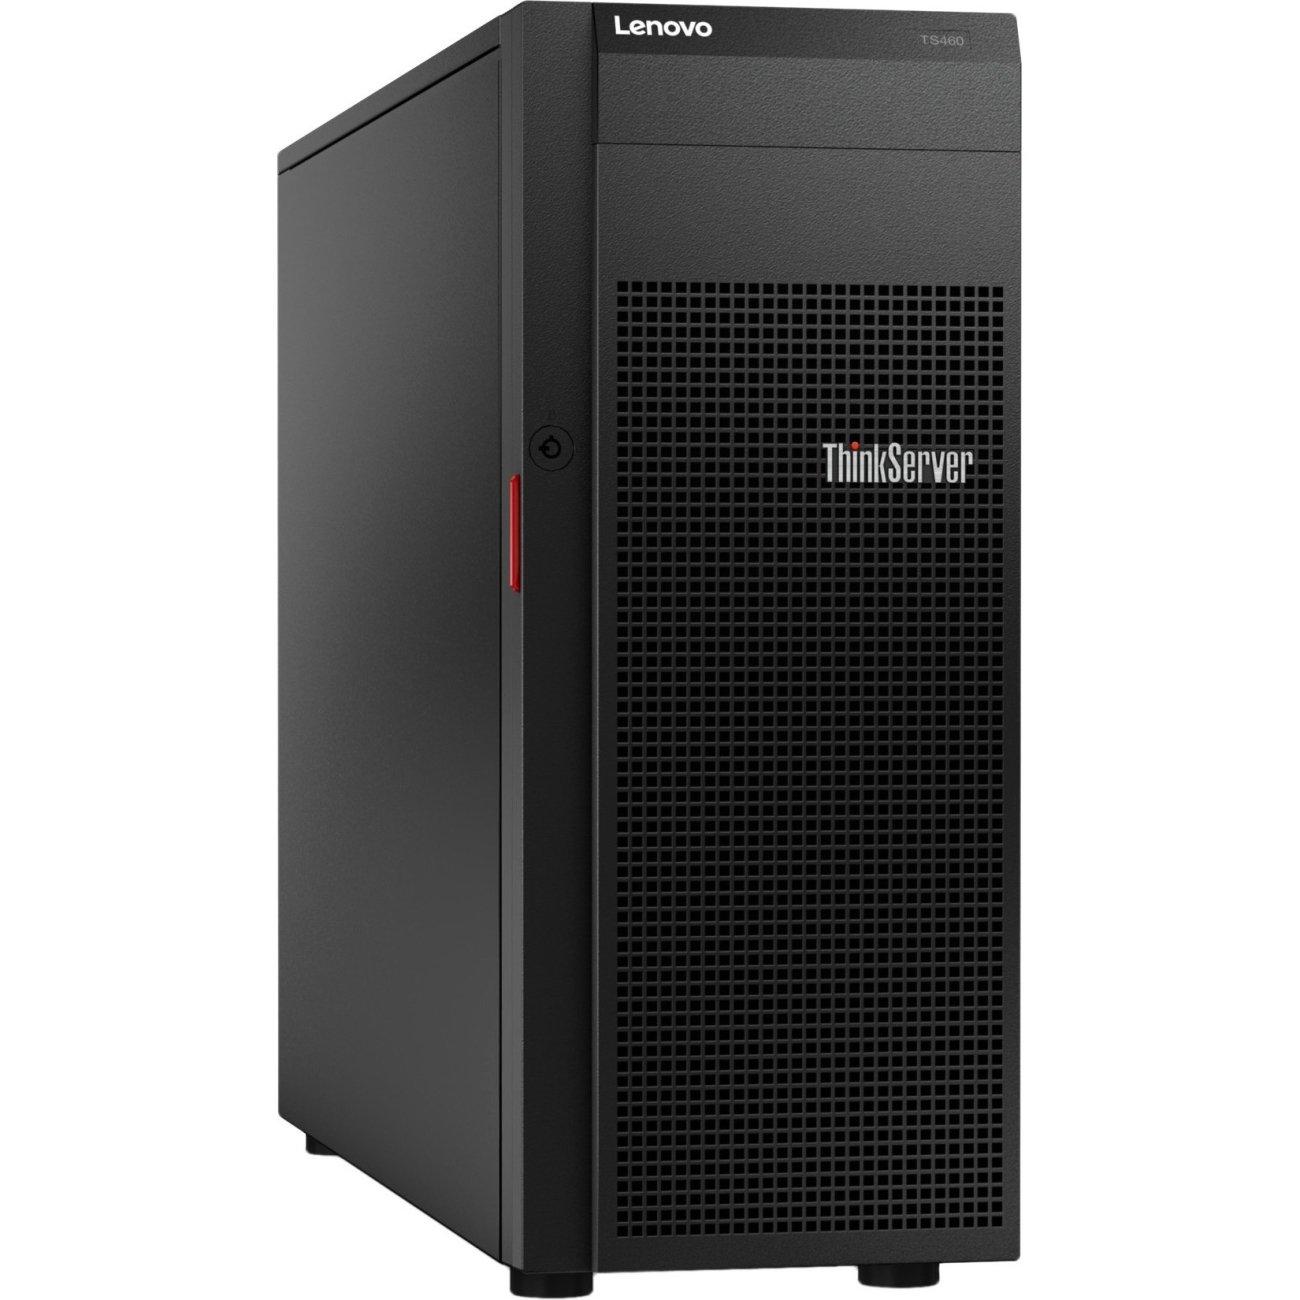 Lenovo Dcg 70tt0020ux Ts460 E3 1230v6 8gb